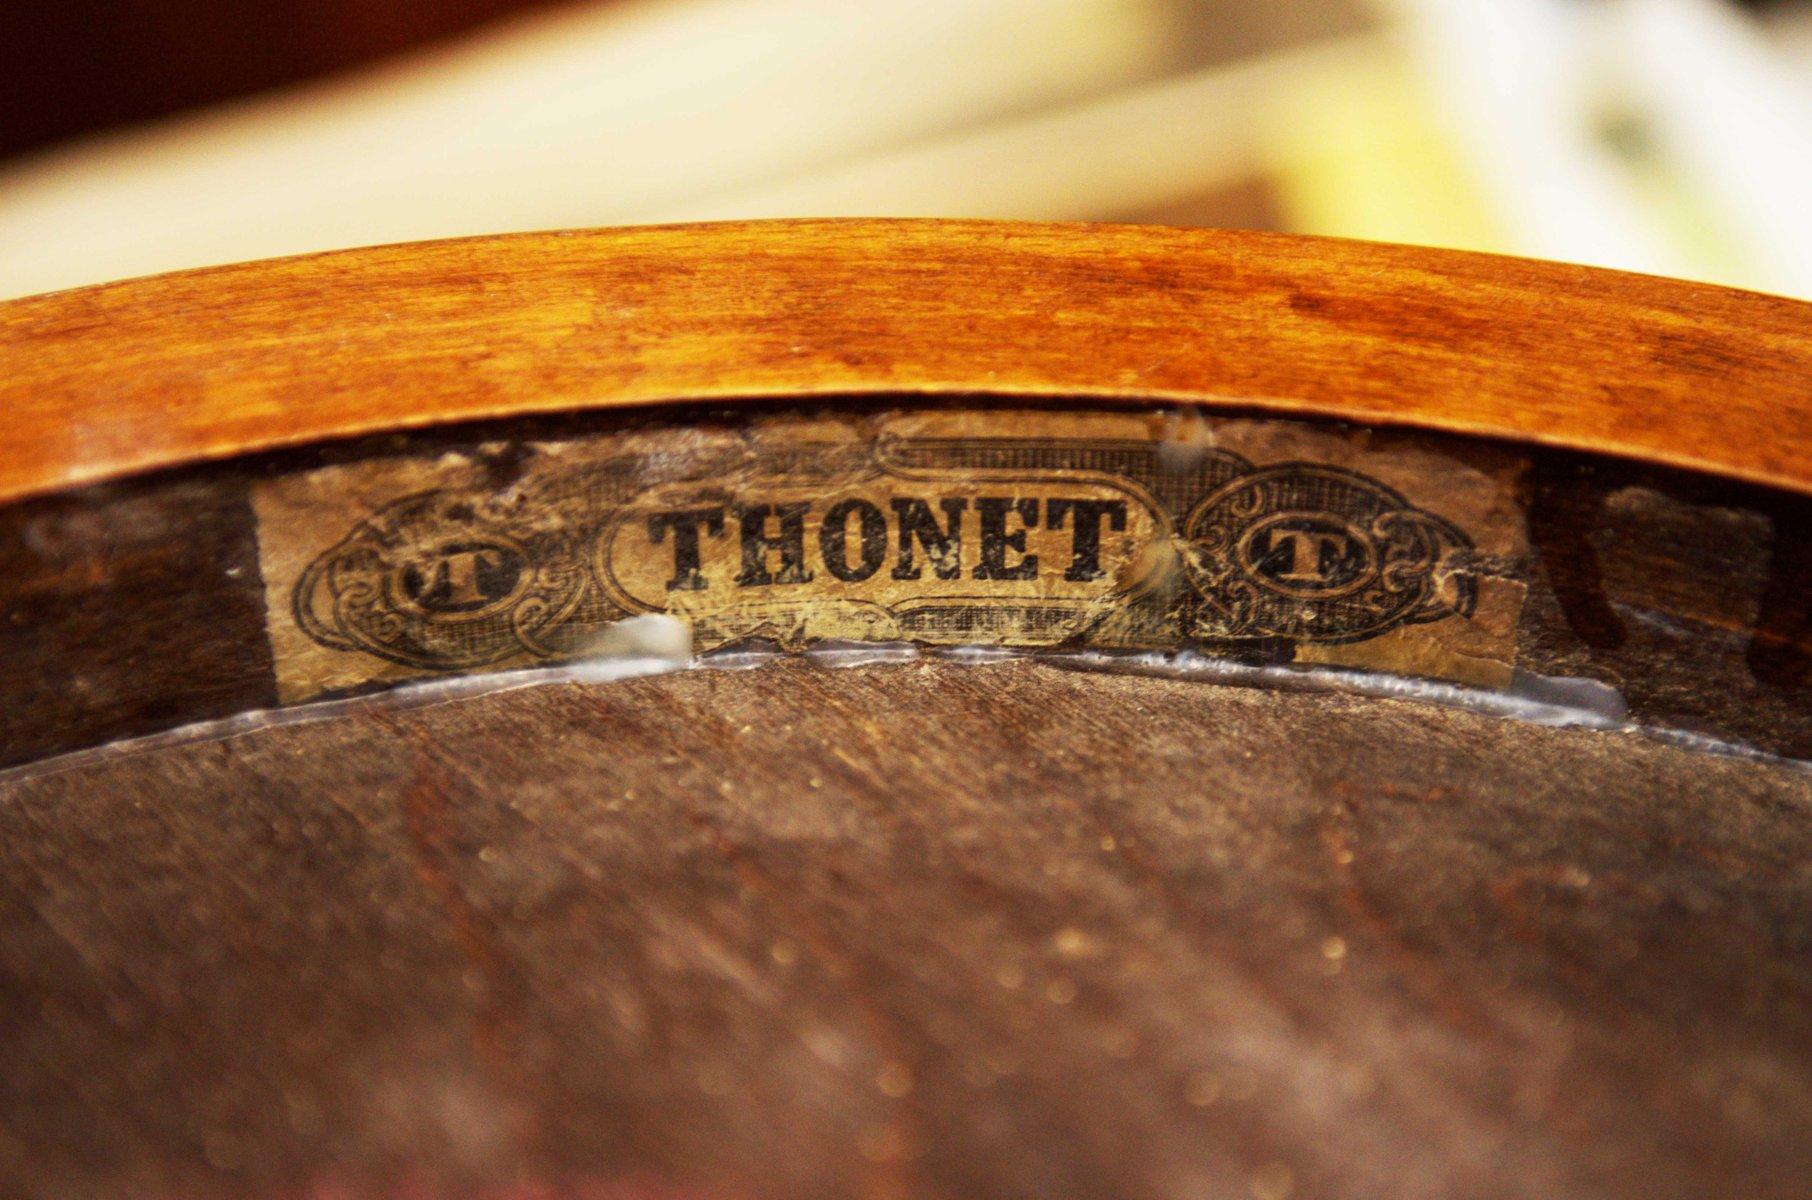 Vintage trumeau garderobe nr 1 von thonet bei pamono kaufen - Vintage Trumeau Garderobe Nr 1 Von Thonet Bei Pamono Kaufen